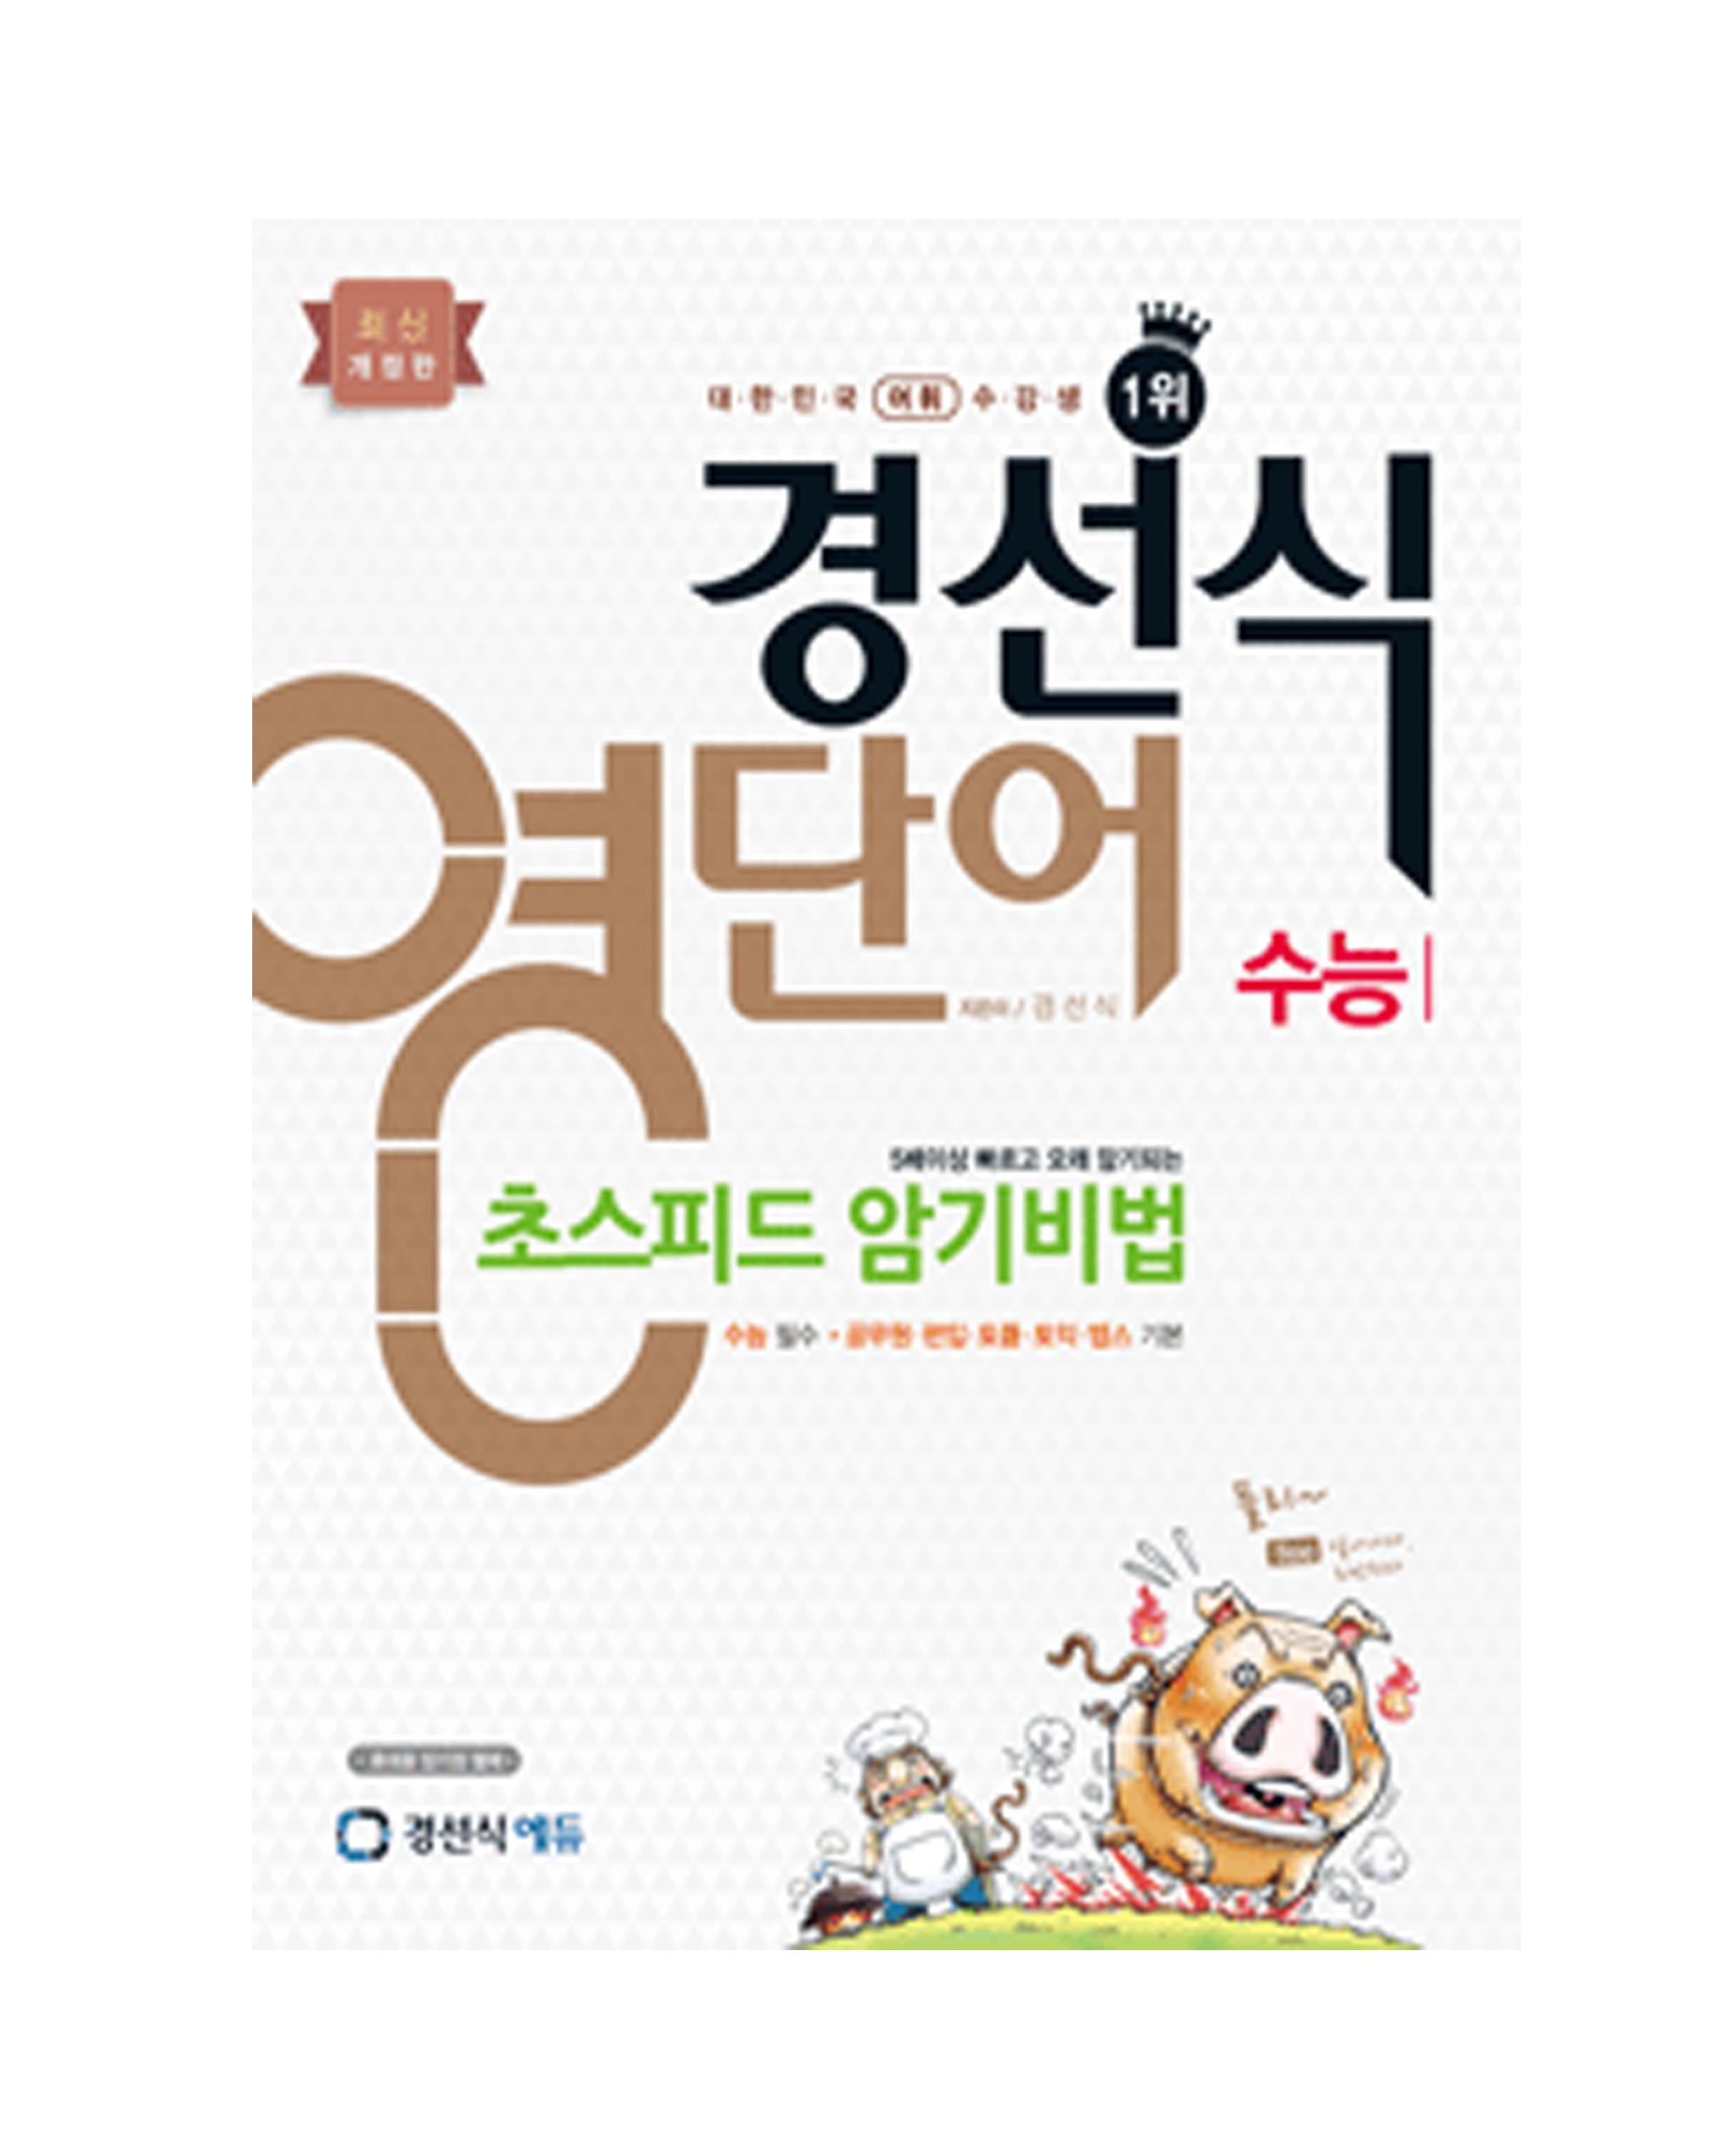 경선식 영단어 초스피드 암기비법 - 수능[2016 개정판]